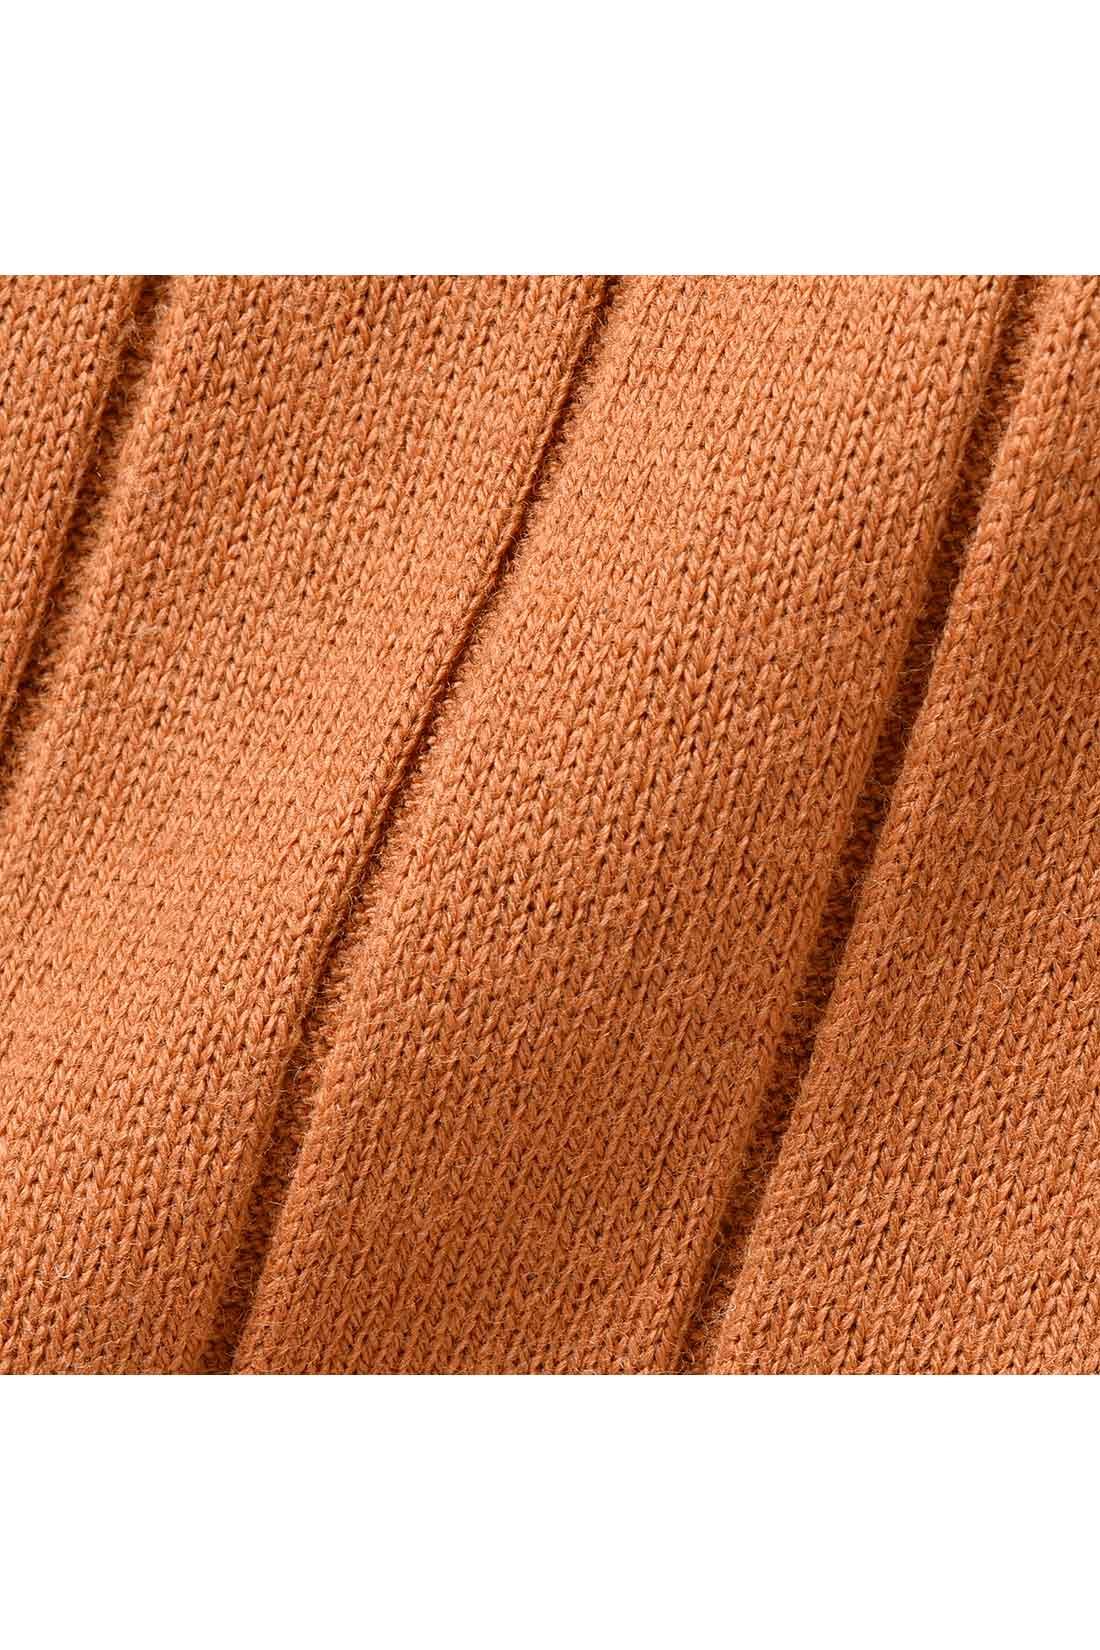 ニットライクなワイドリブカットソー。 縦目線の細見え効果と適度なフイット感できれいなボディーラインを演出。適度な張りと厚みのある、しなやかな肌当たりの綿混素材。